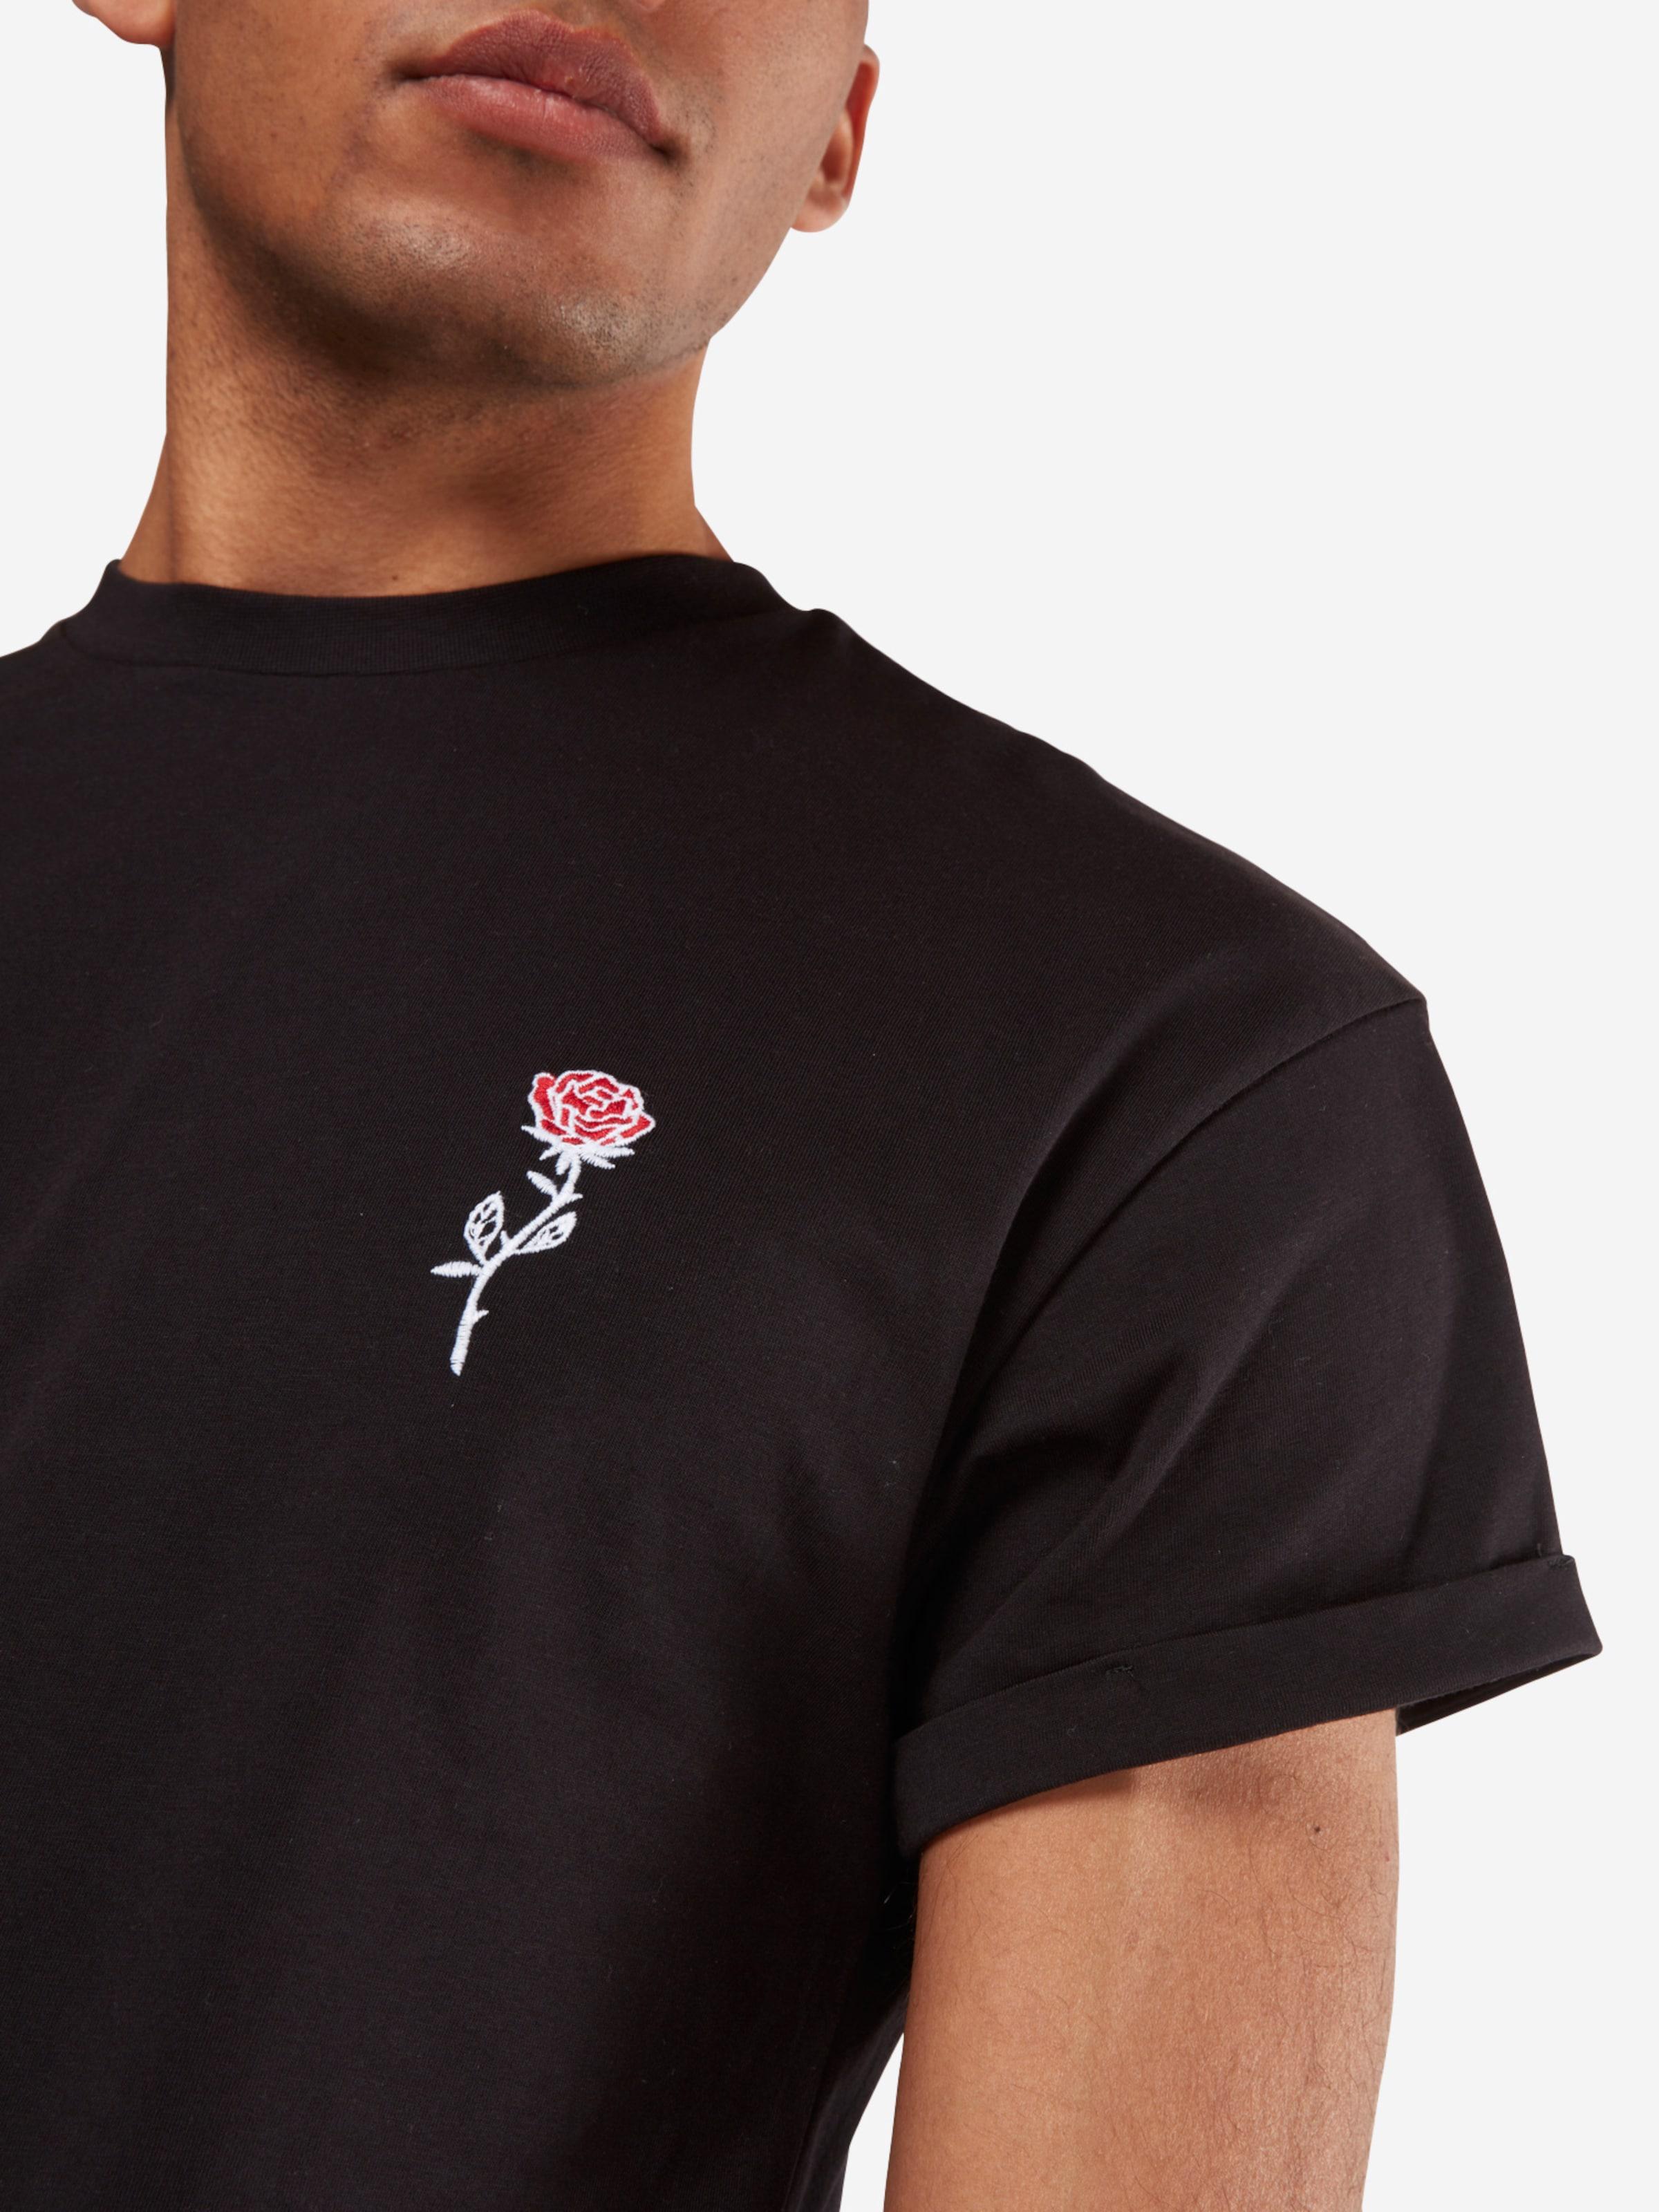 NEW LOOK T-Shirt 'RP 39 27.10 MW EMBROIDERED ROSE P' Billig Verkauf Breite Palette Von Steckdose Billigsten Spielraum Besten eUg1fRcr7e